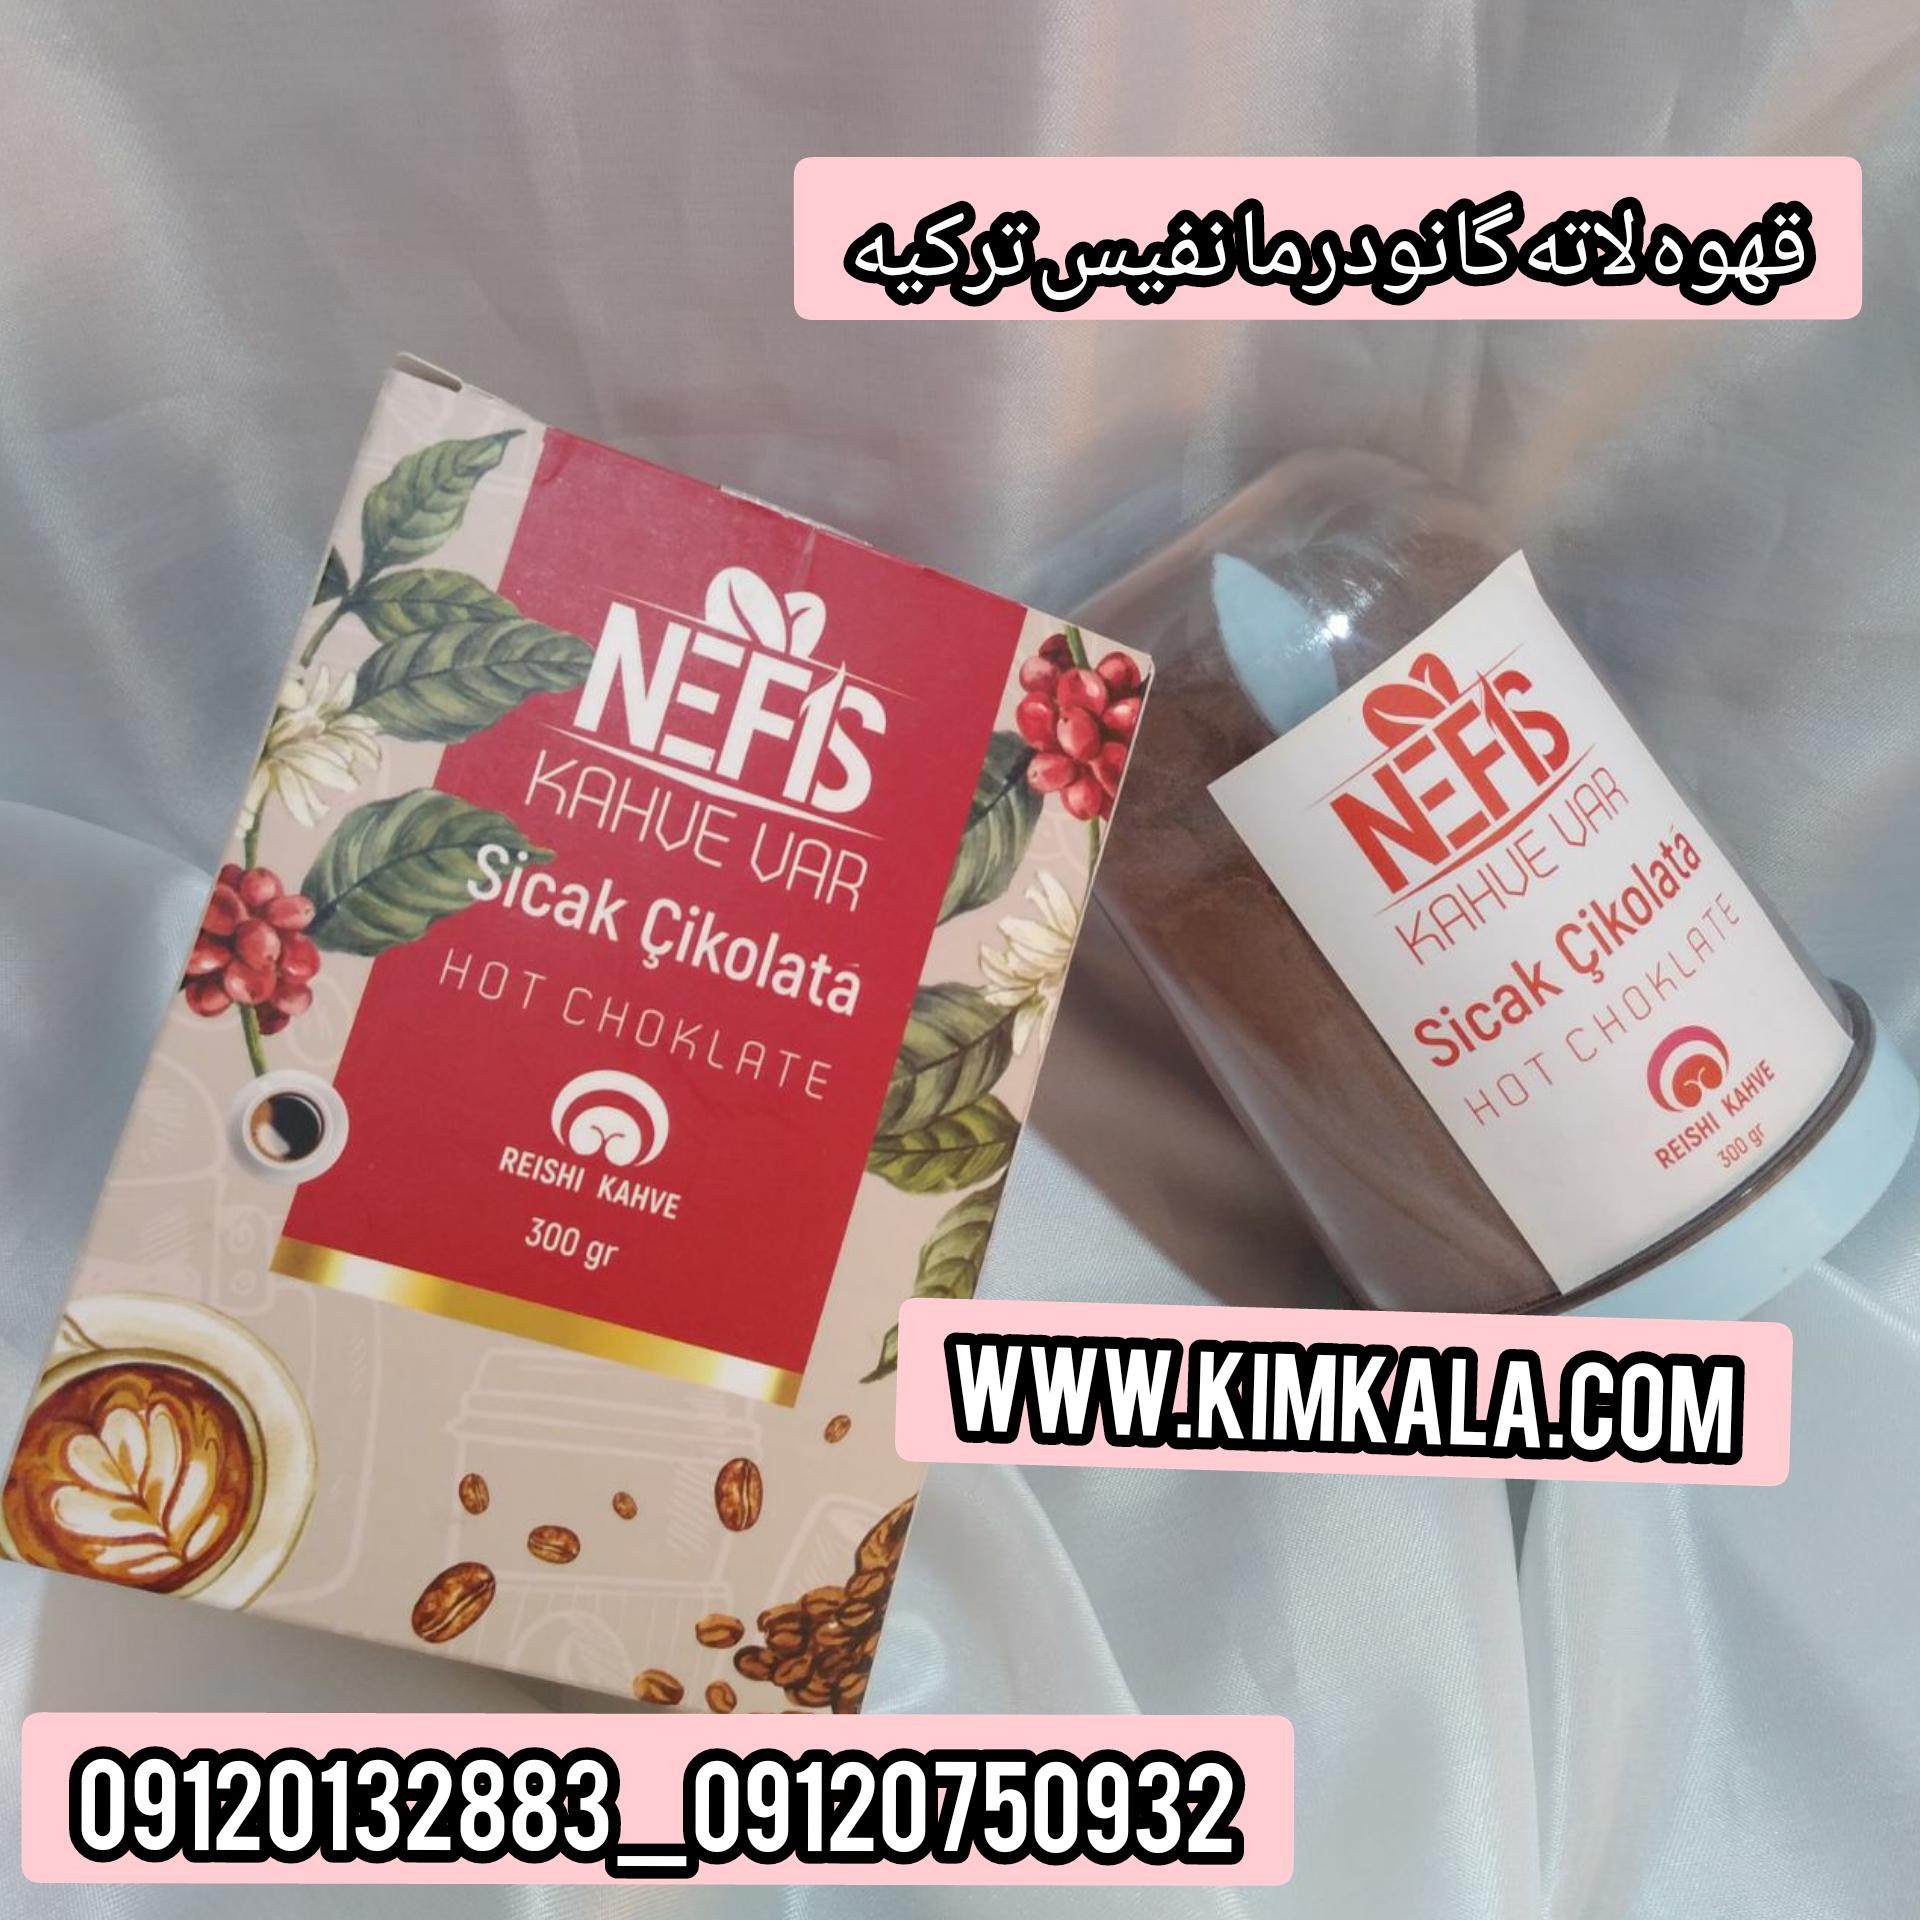 قهوه لاته گانودرما۰۹۱۲۰۱۳۲۸۸۳/بهترین قهوه لاته ترکیه